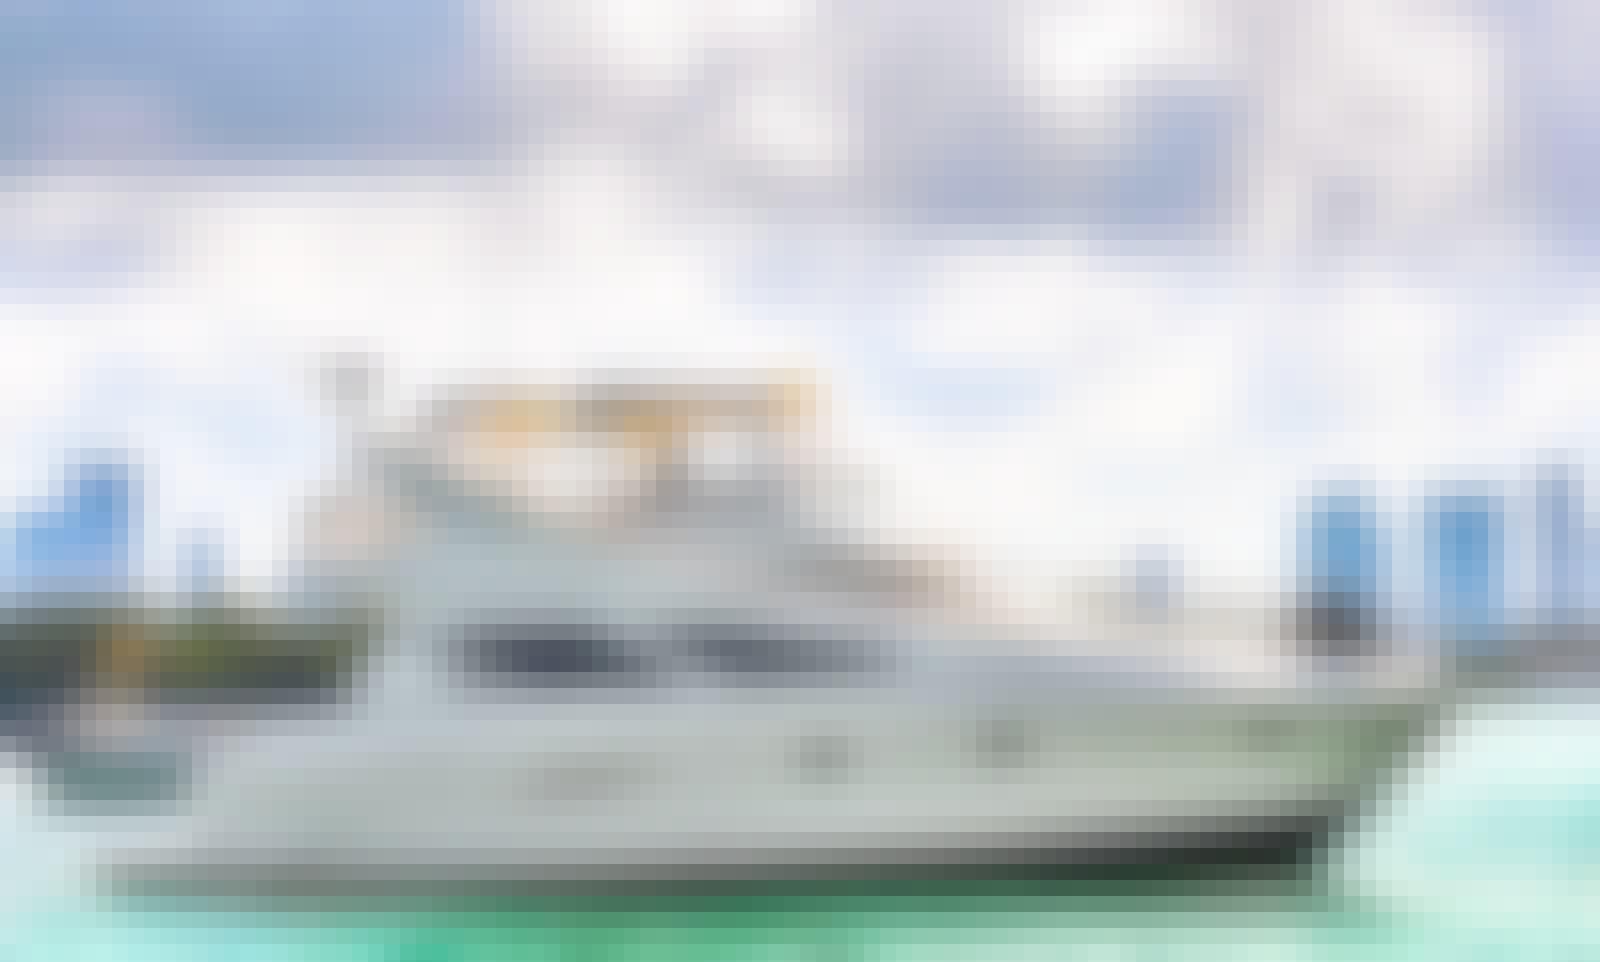 Silverton 47' Spacious Yacht in Miami, Florida!